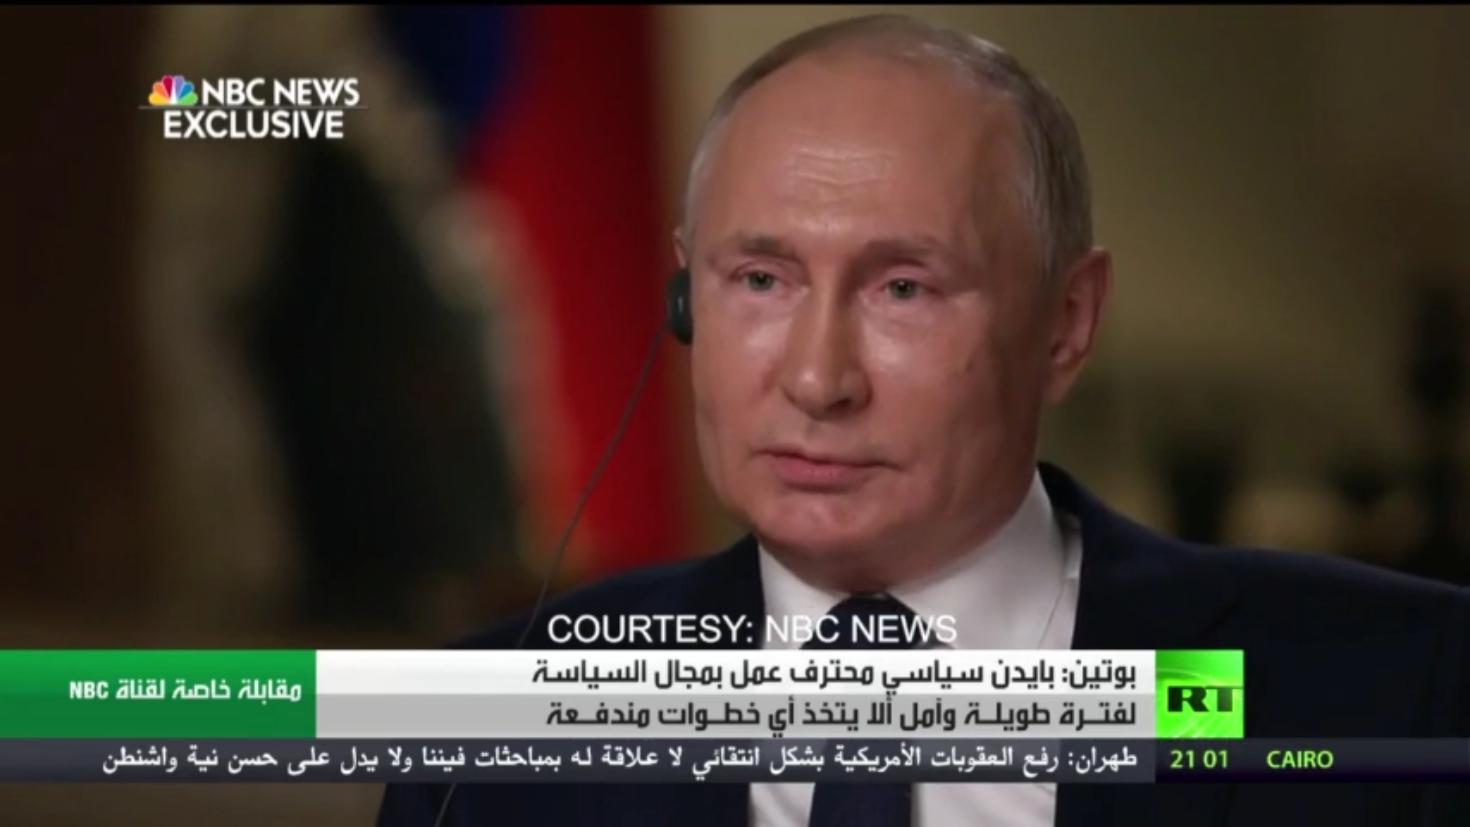 بوتين: علاقاتنا مع واشنطن بأدنى مستوياتها